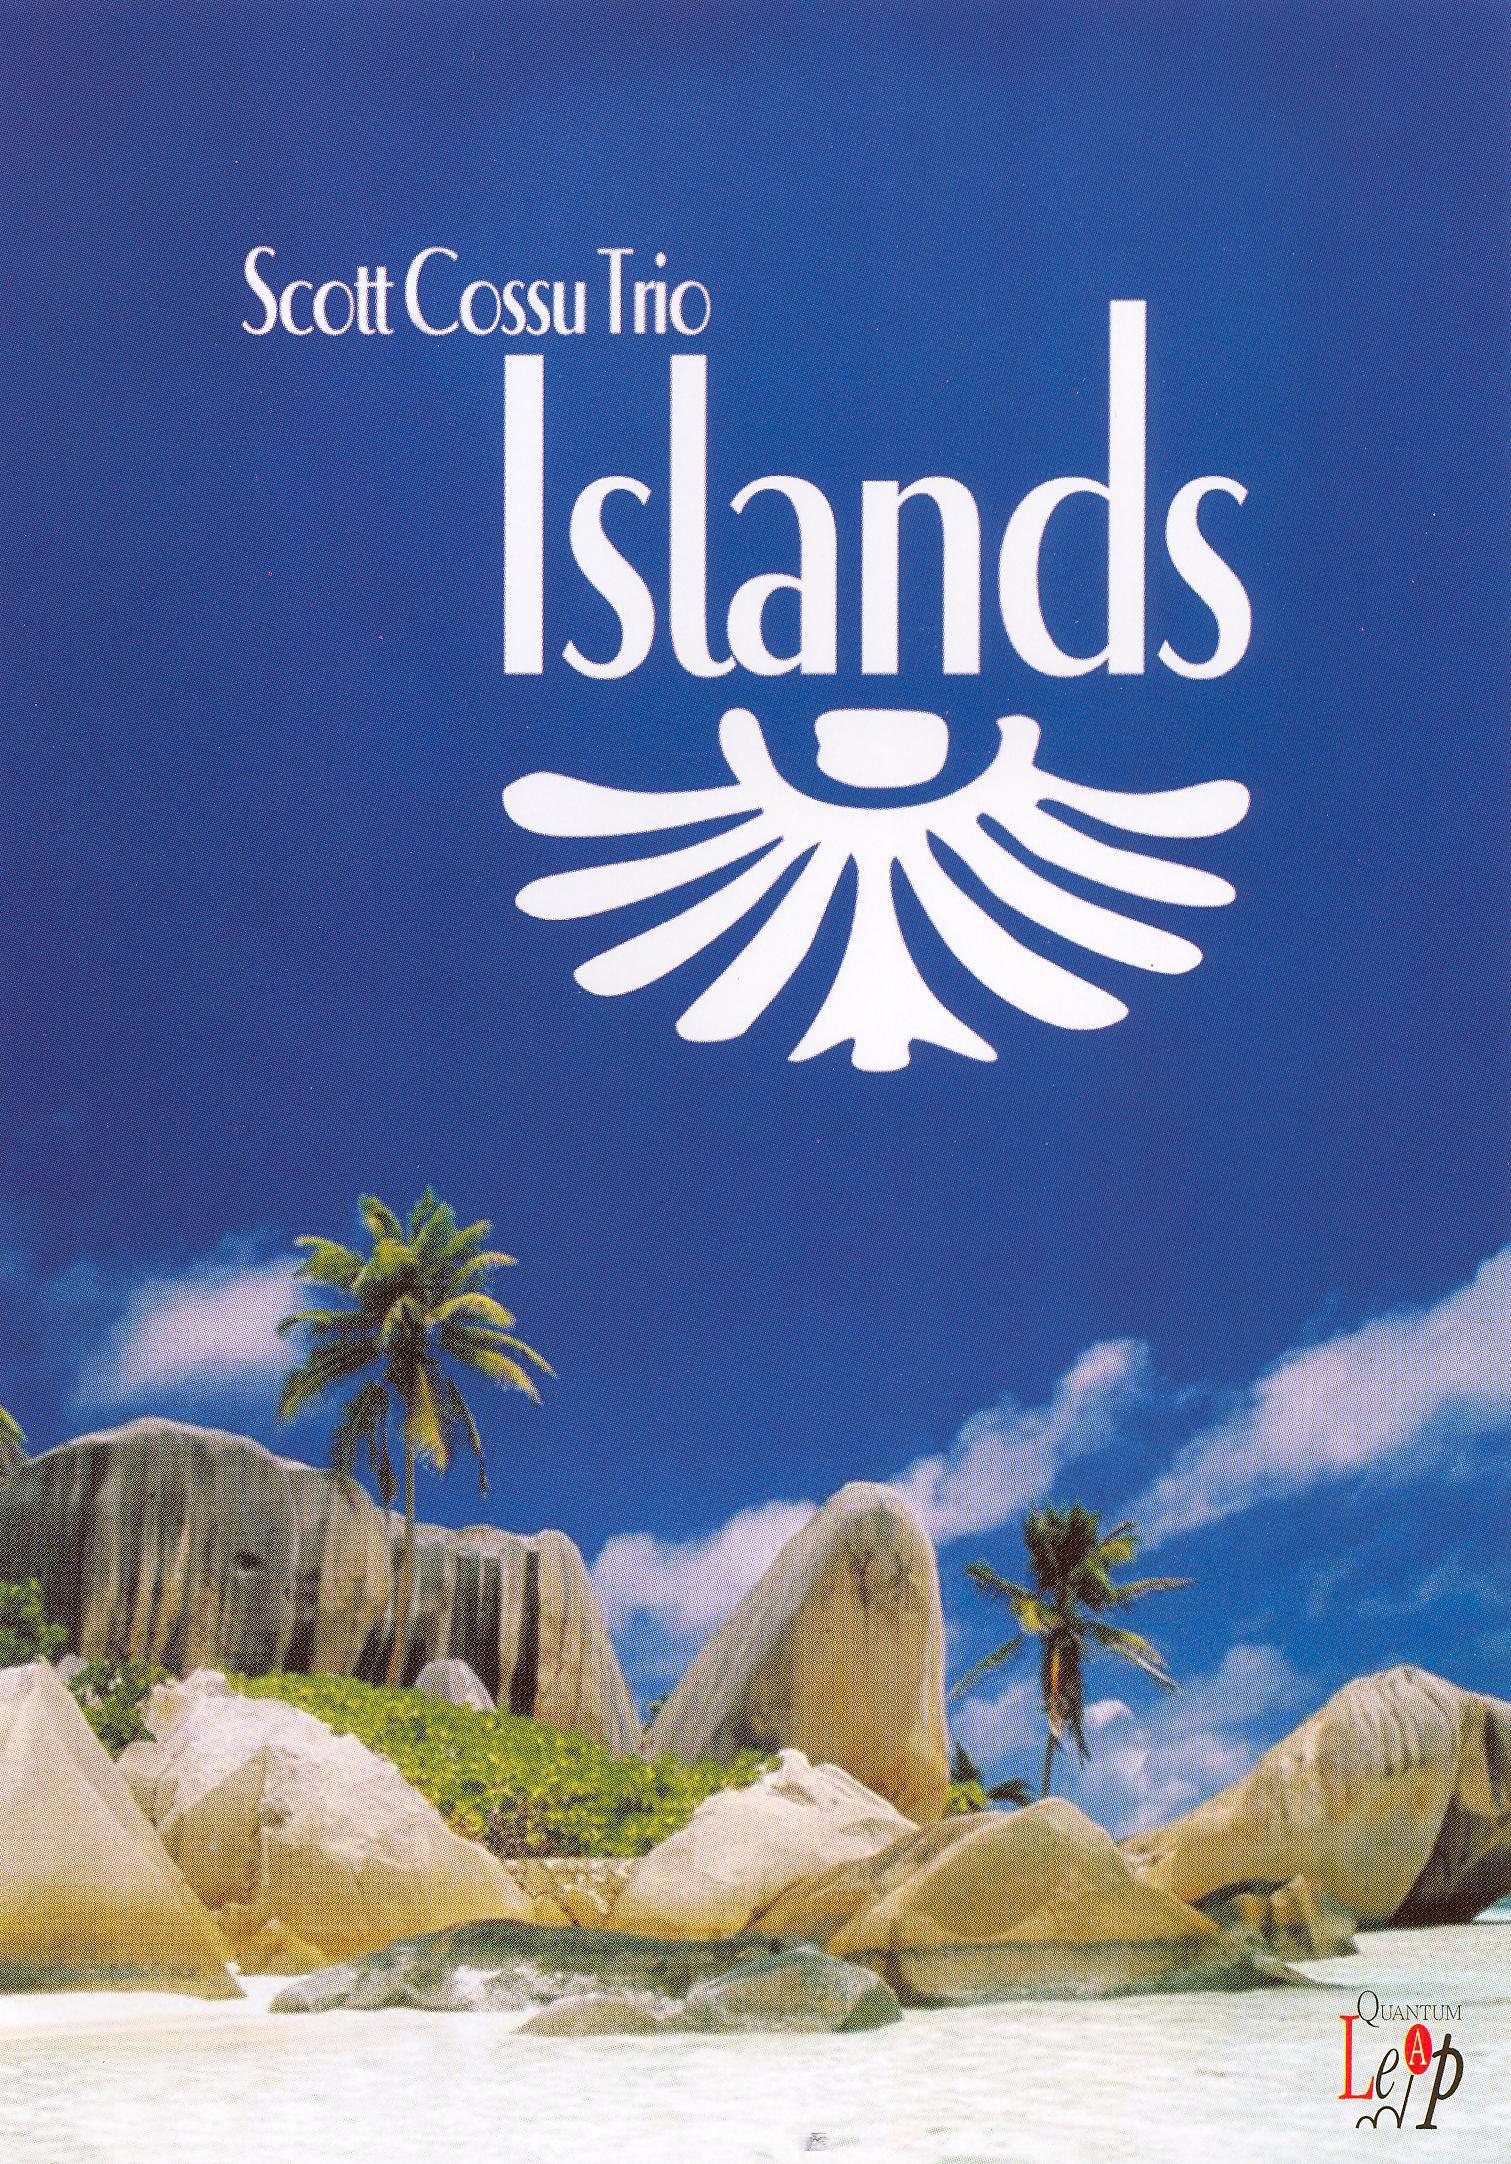 Scott Cossu Trio: Islands